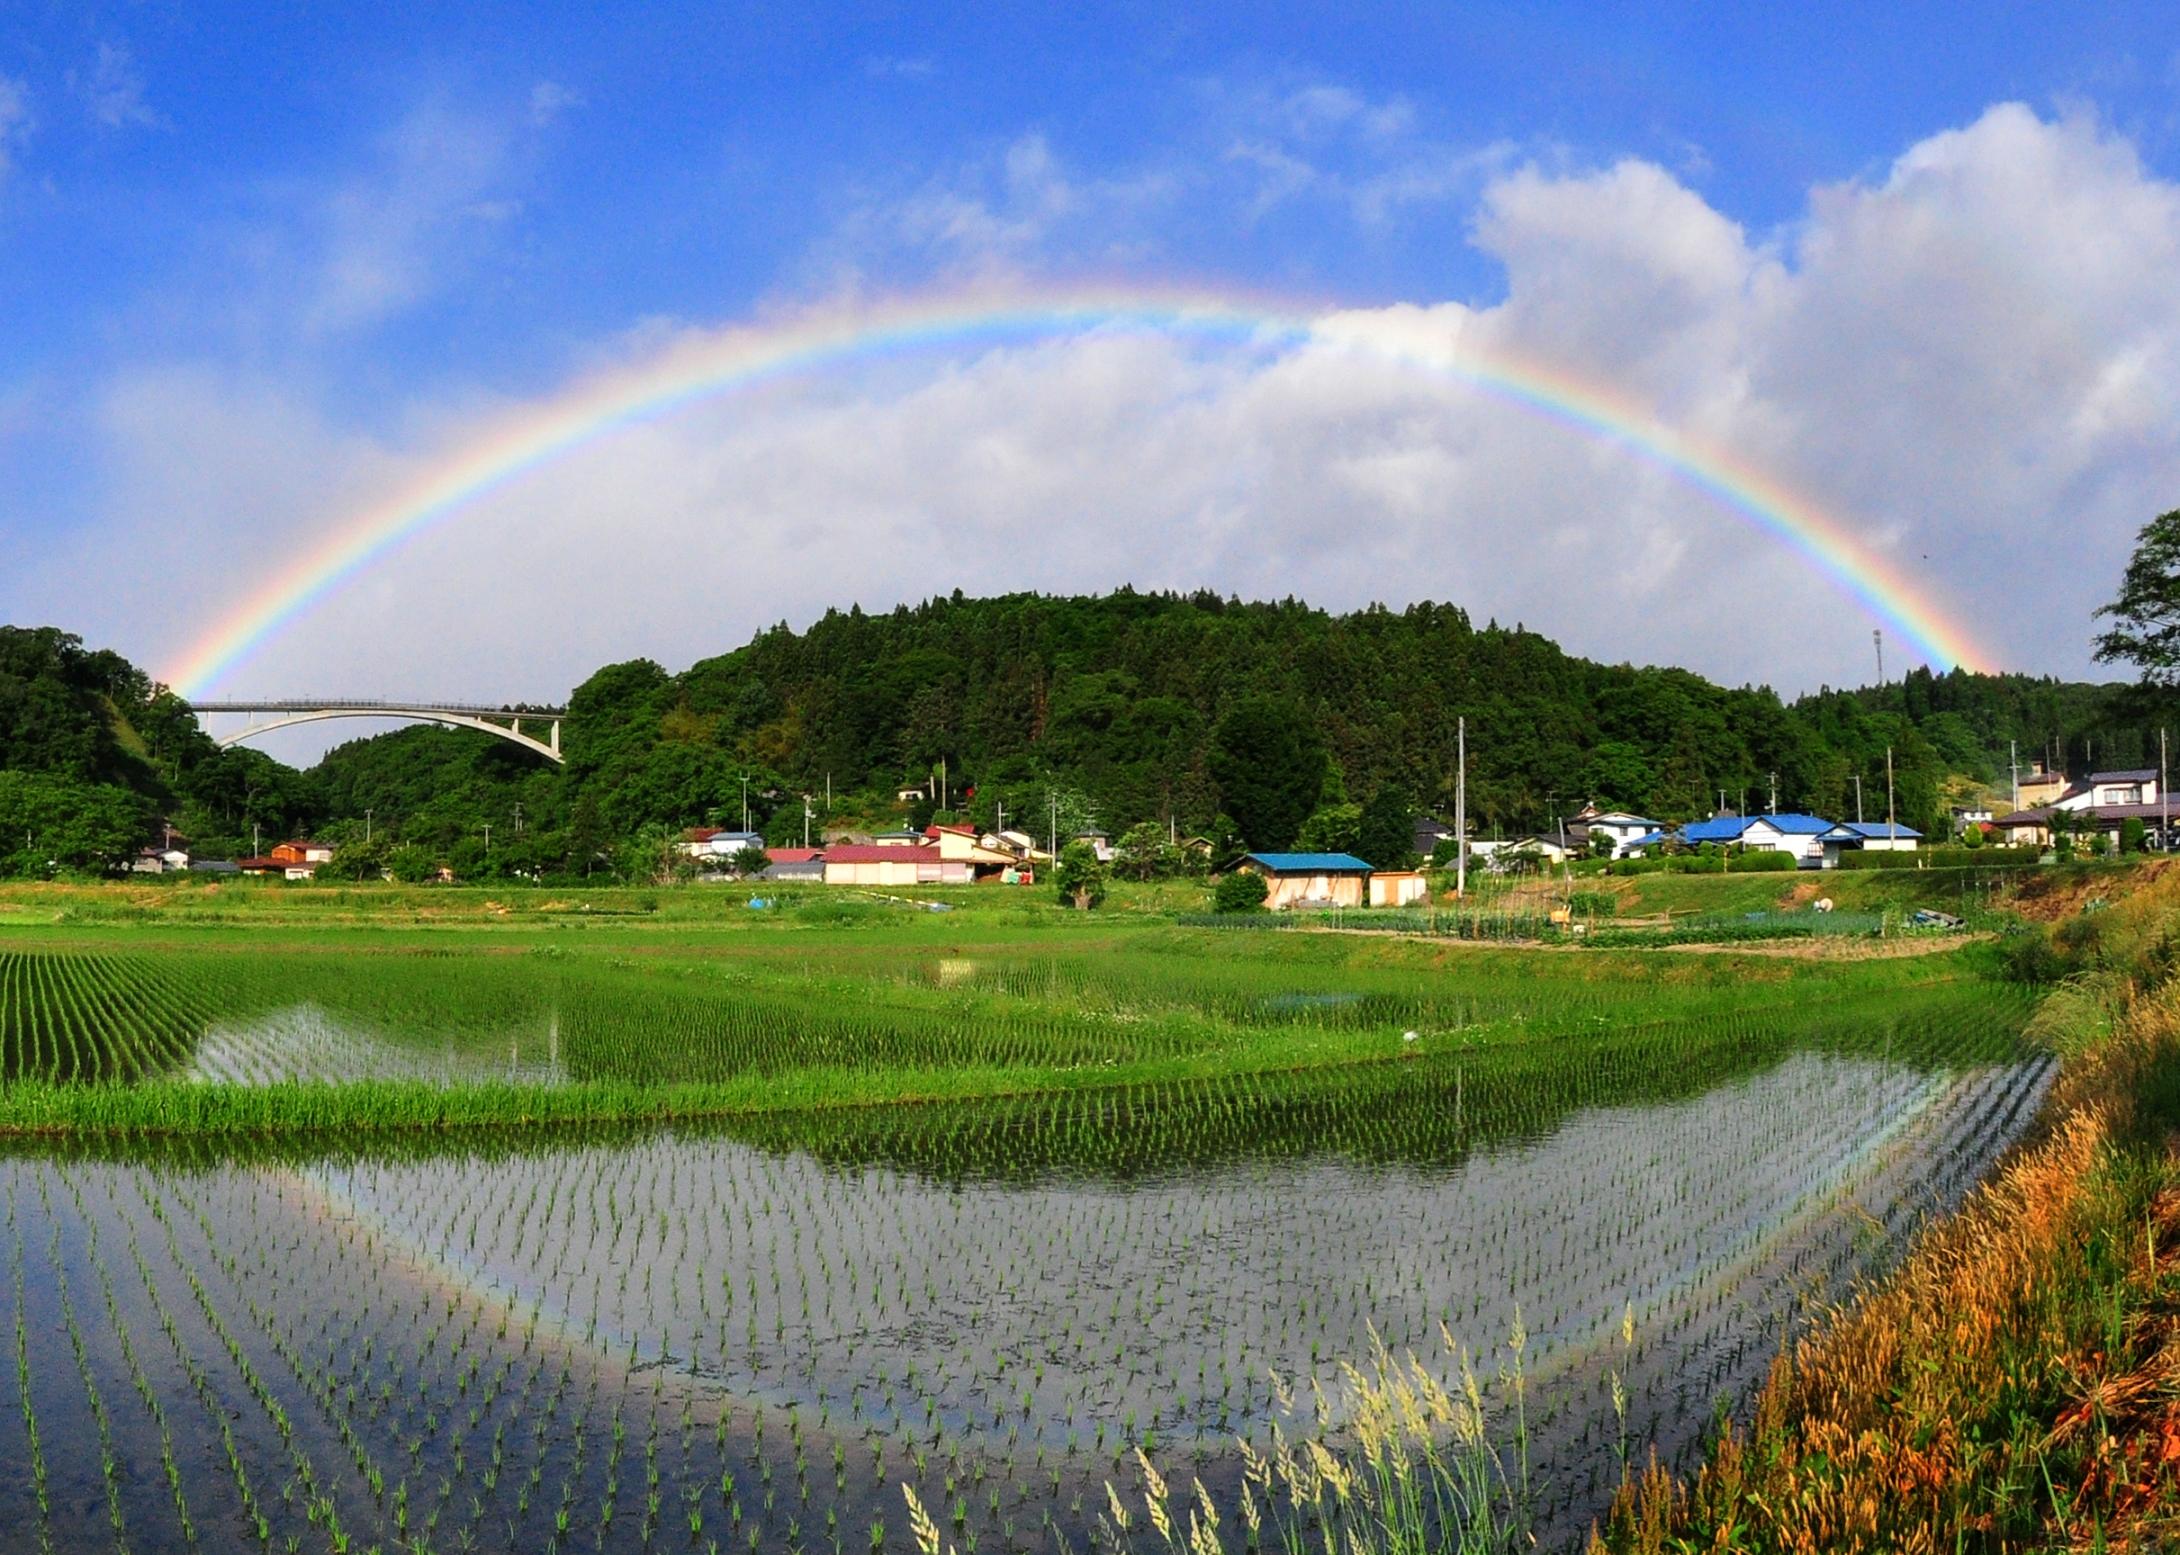 夢乃橋に架かる虹の橋